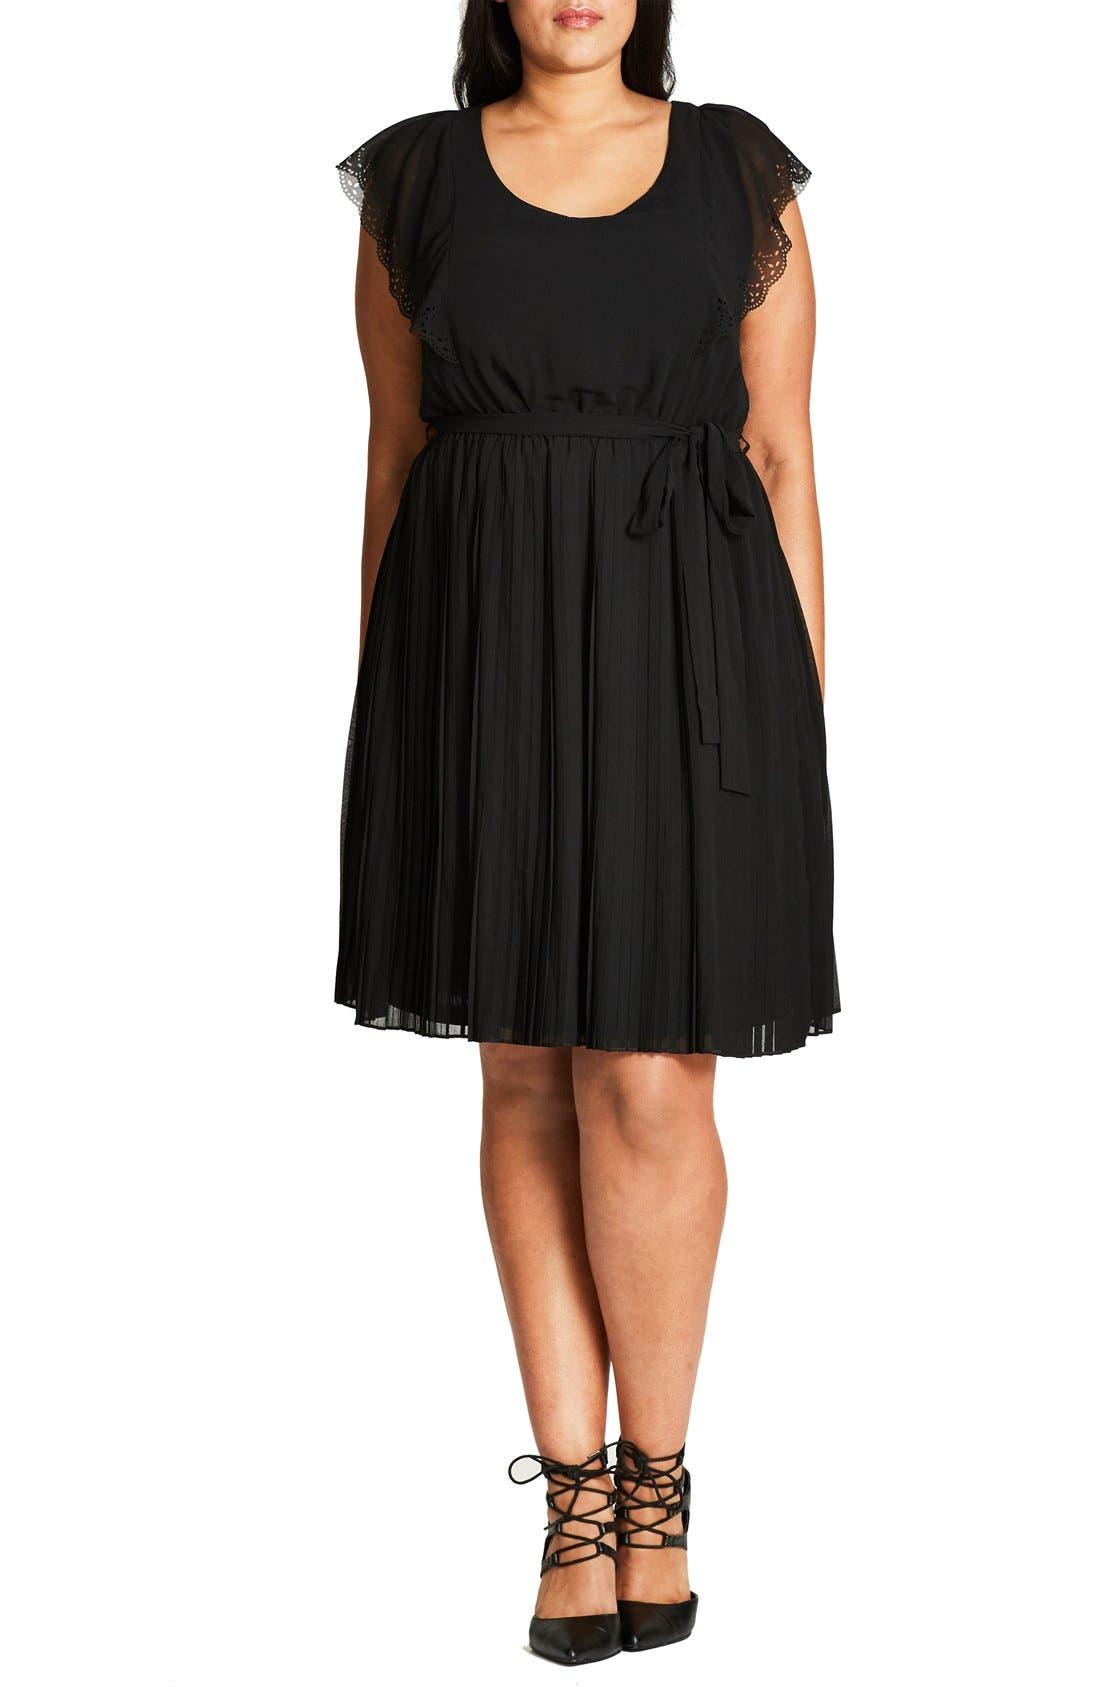 City Chic 'Cute Cutout' Belted Chiffon Dress